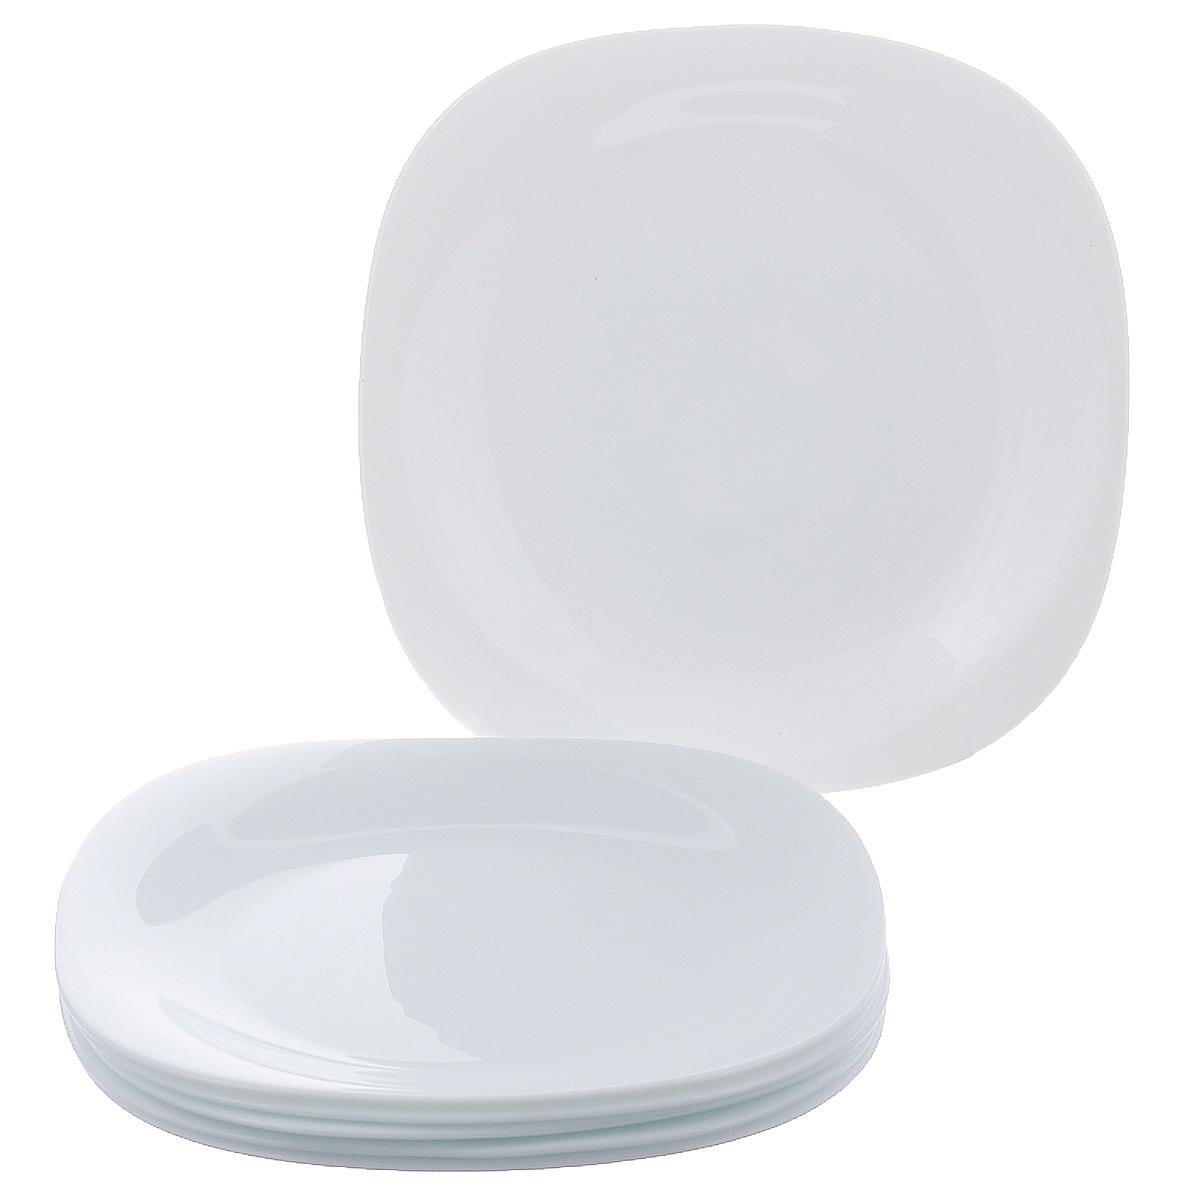 Набор обеденных тарелок Bormioli Rocco Parma, 27 х 27 см, 6 шт498860F27321990Набор Bormioli Rocco Parma состоит из 6 обеденных тарелок квадратной формы, изготовленных из упрочненного стекла с покрытием белого цвета. Набор Bormioli Rocco Parma красиво оформит сервировку стола и станет прекрасным дополнением к коллекции вашей посуды.